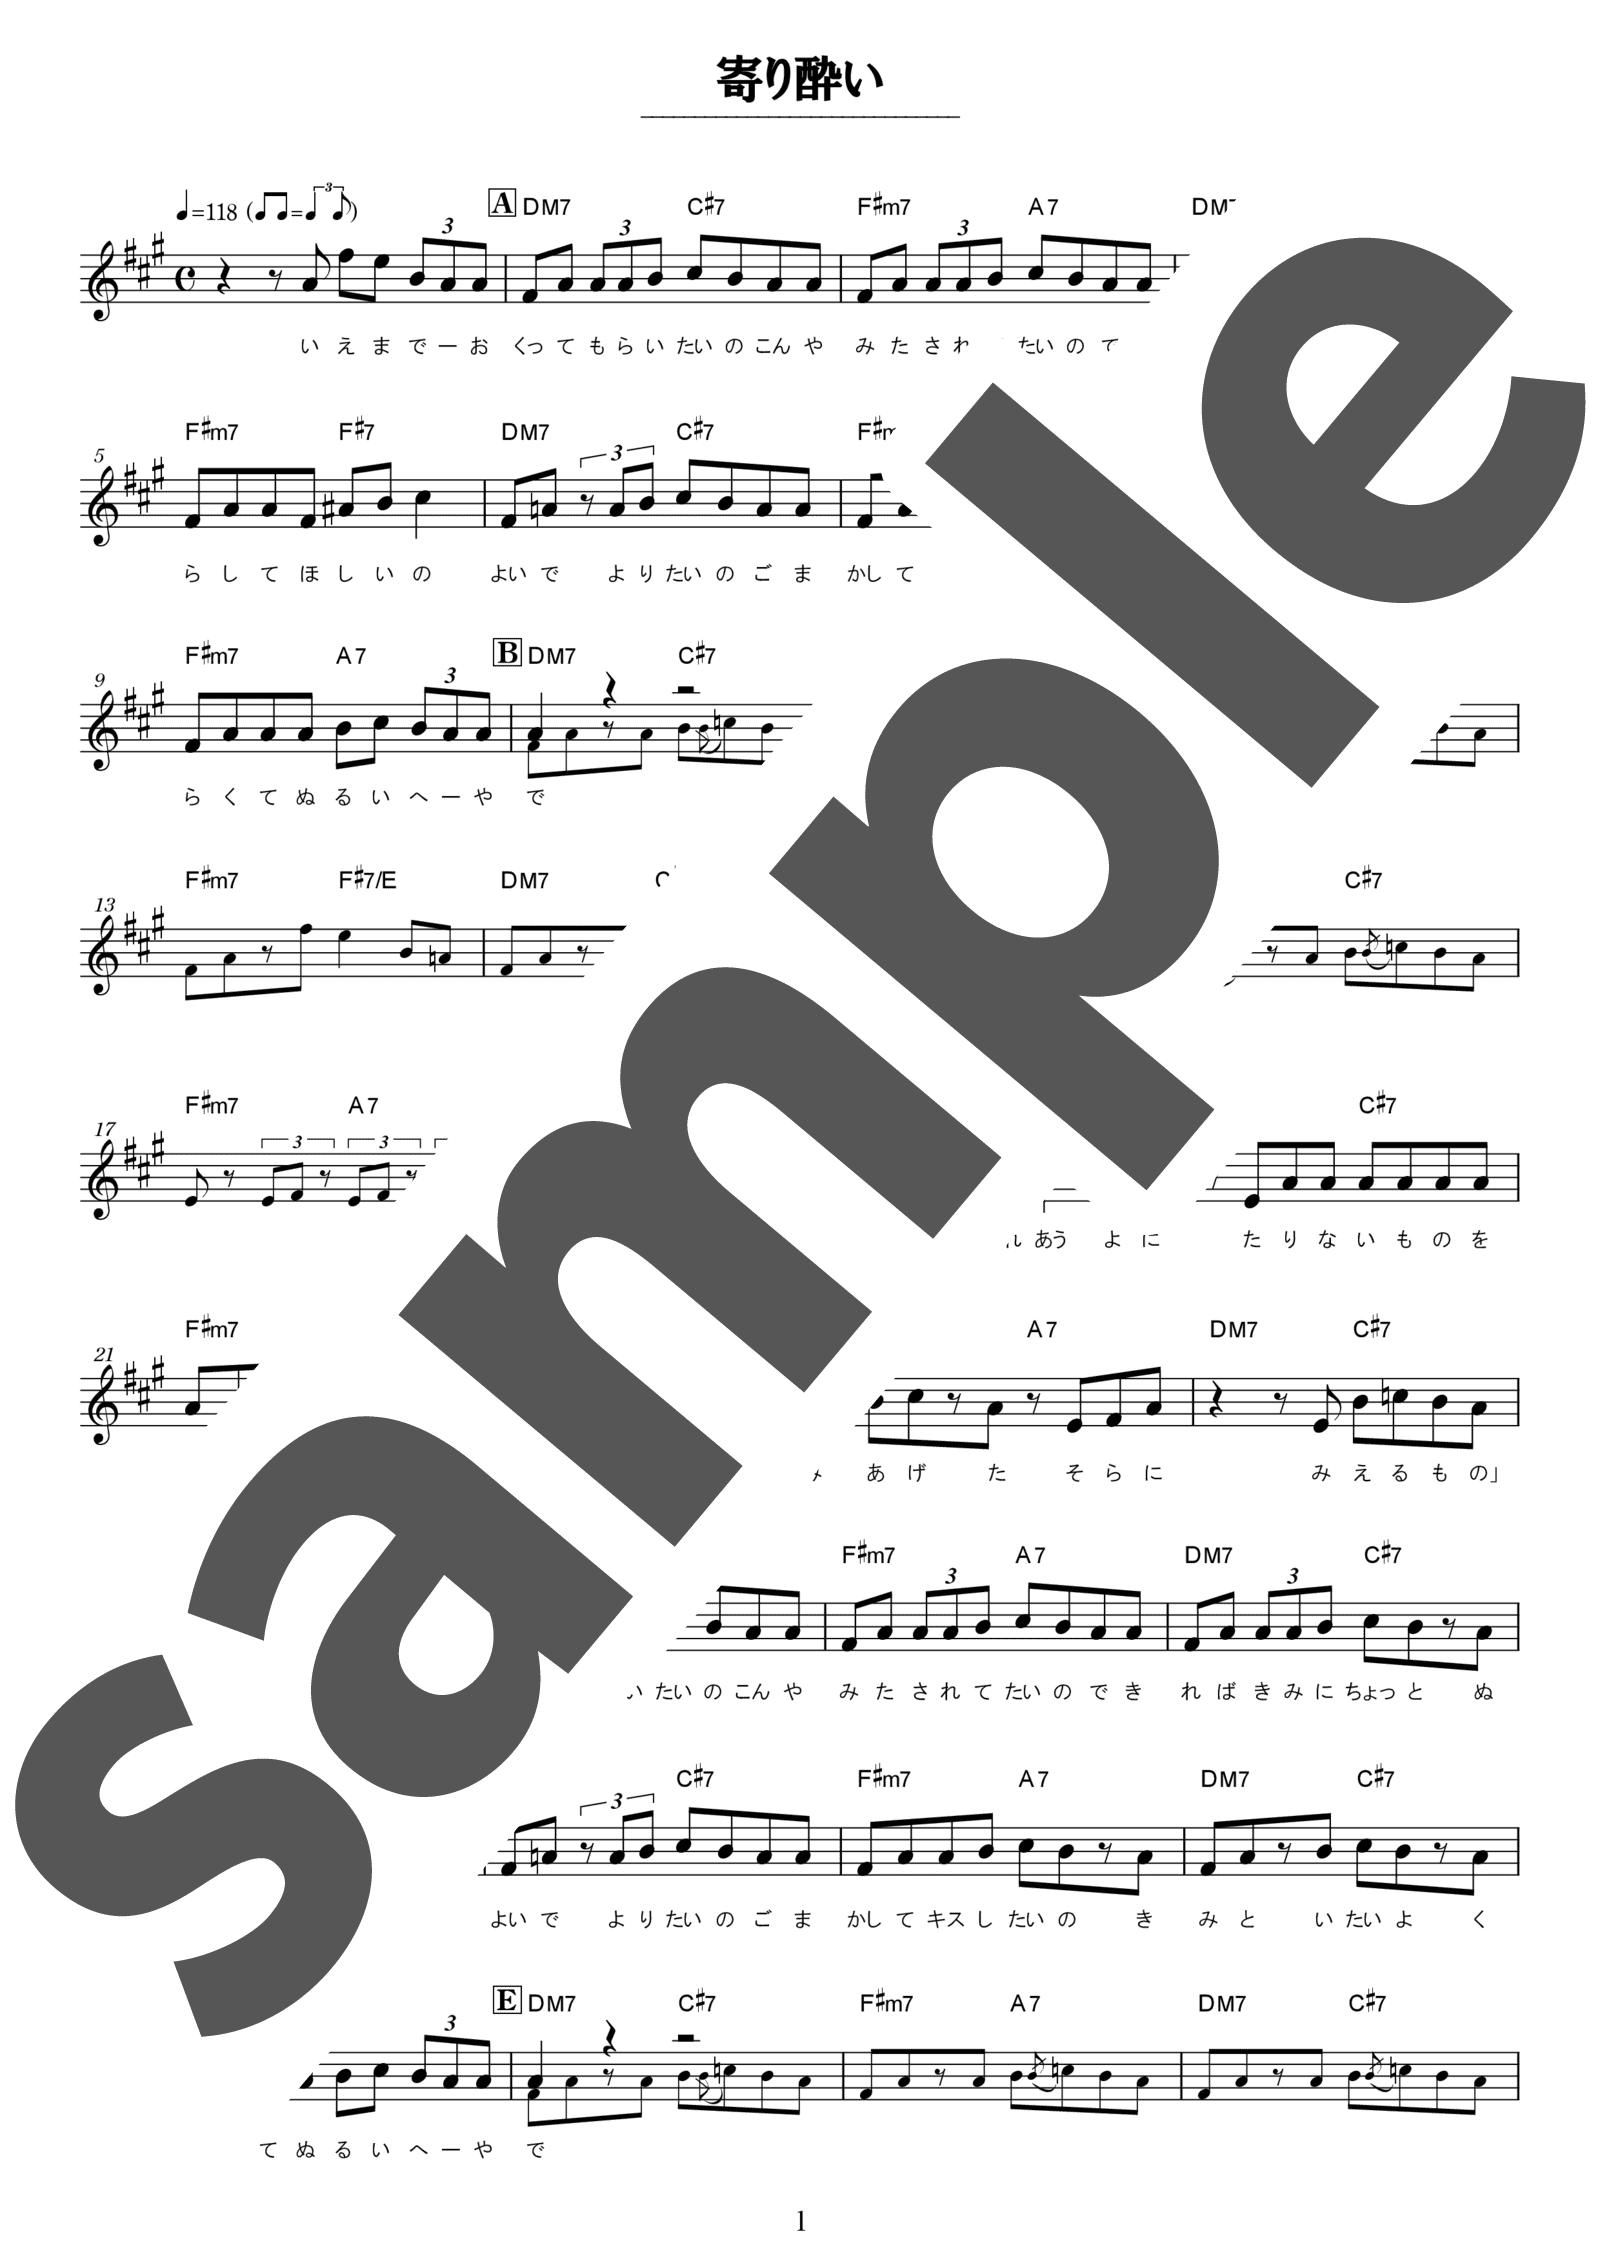 「寄り酔い」のサンプル楽譜